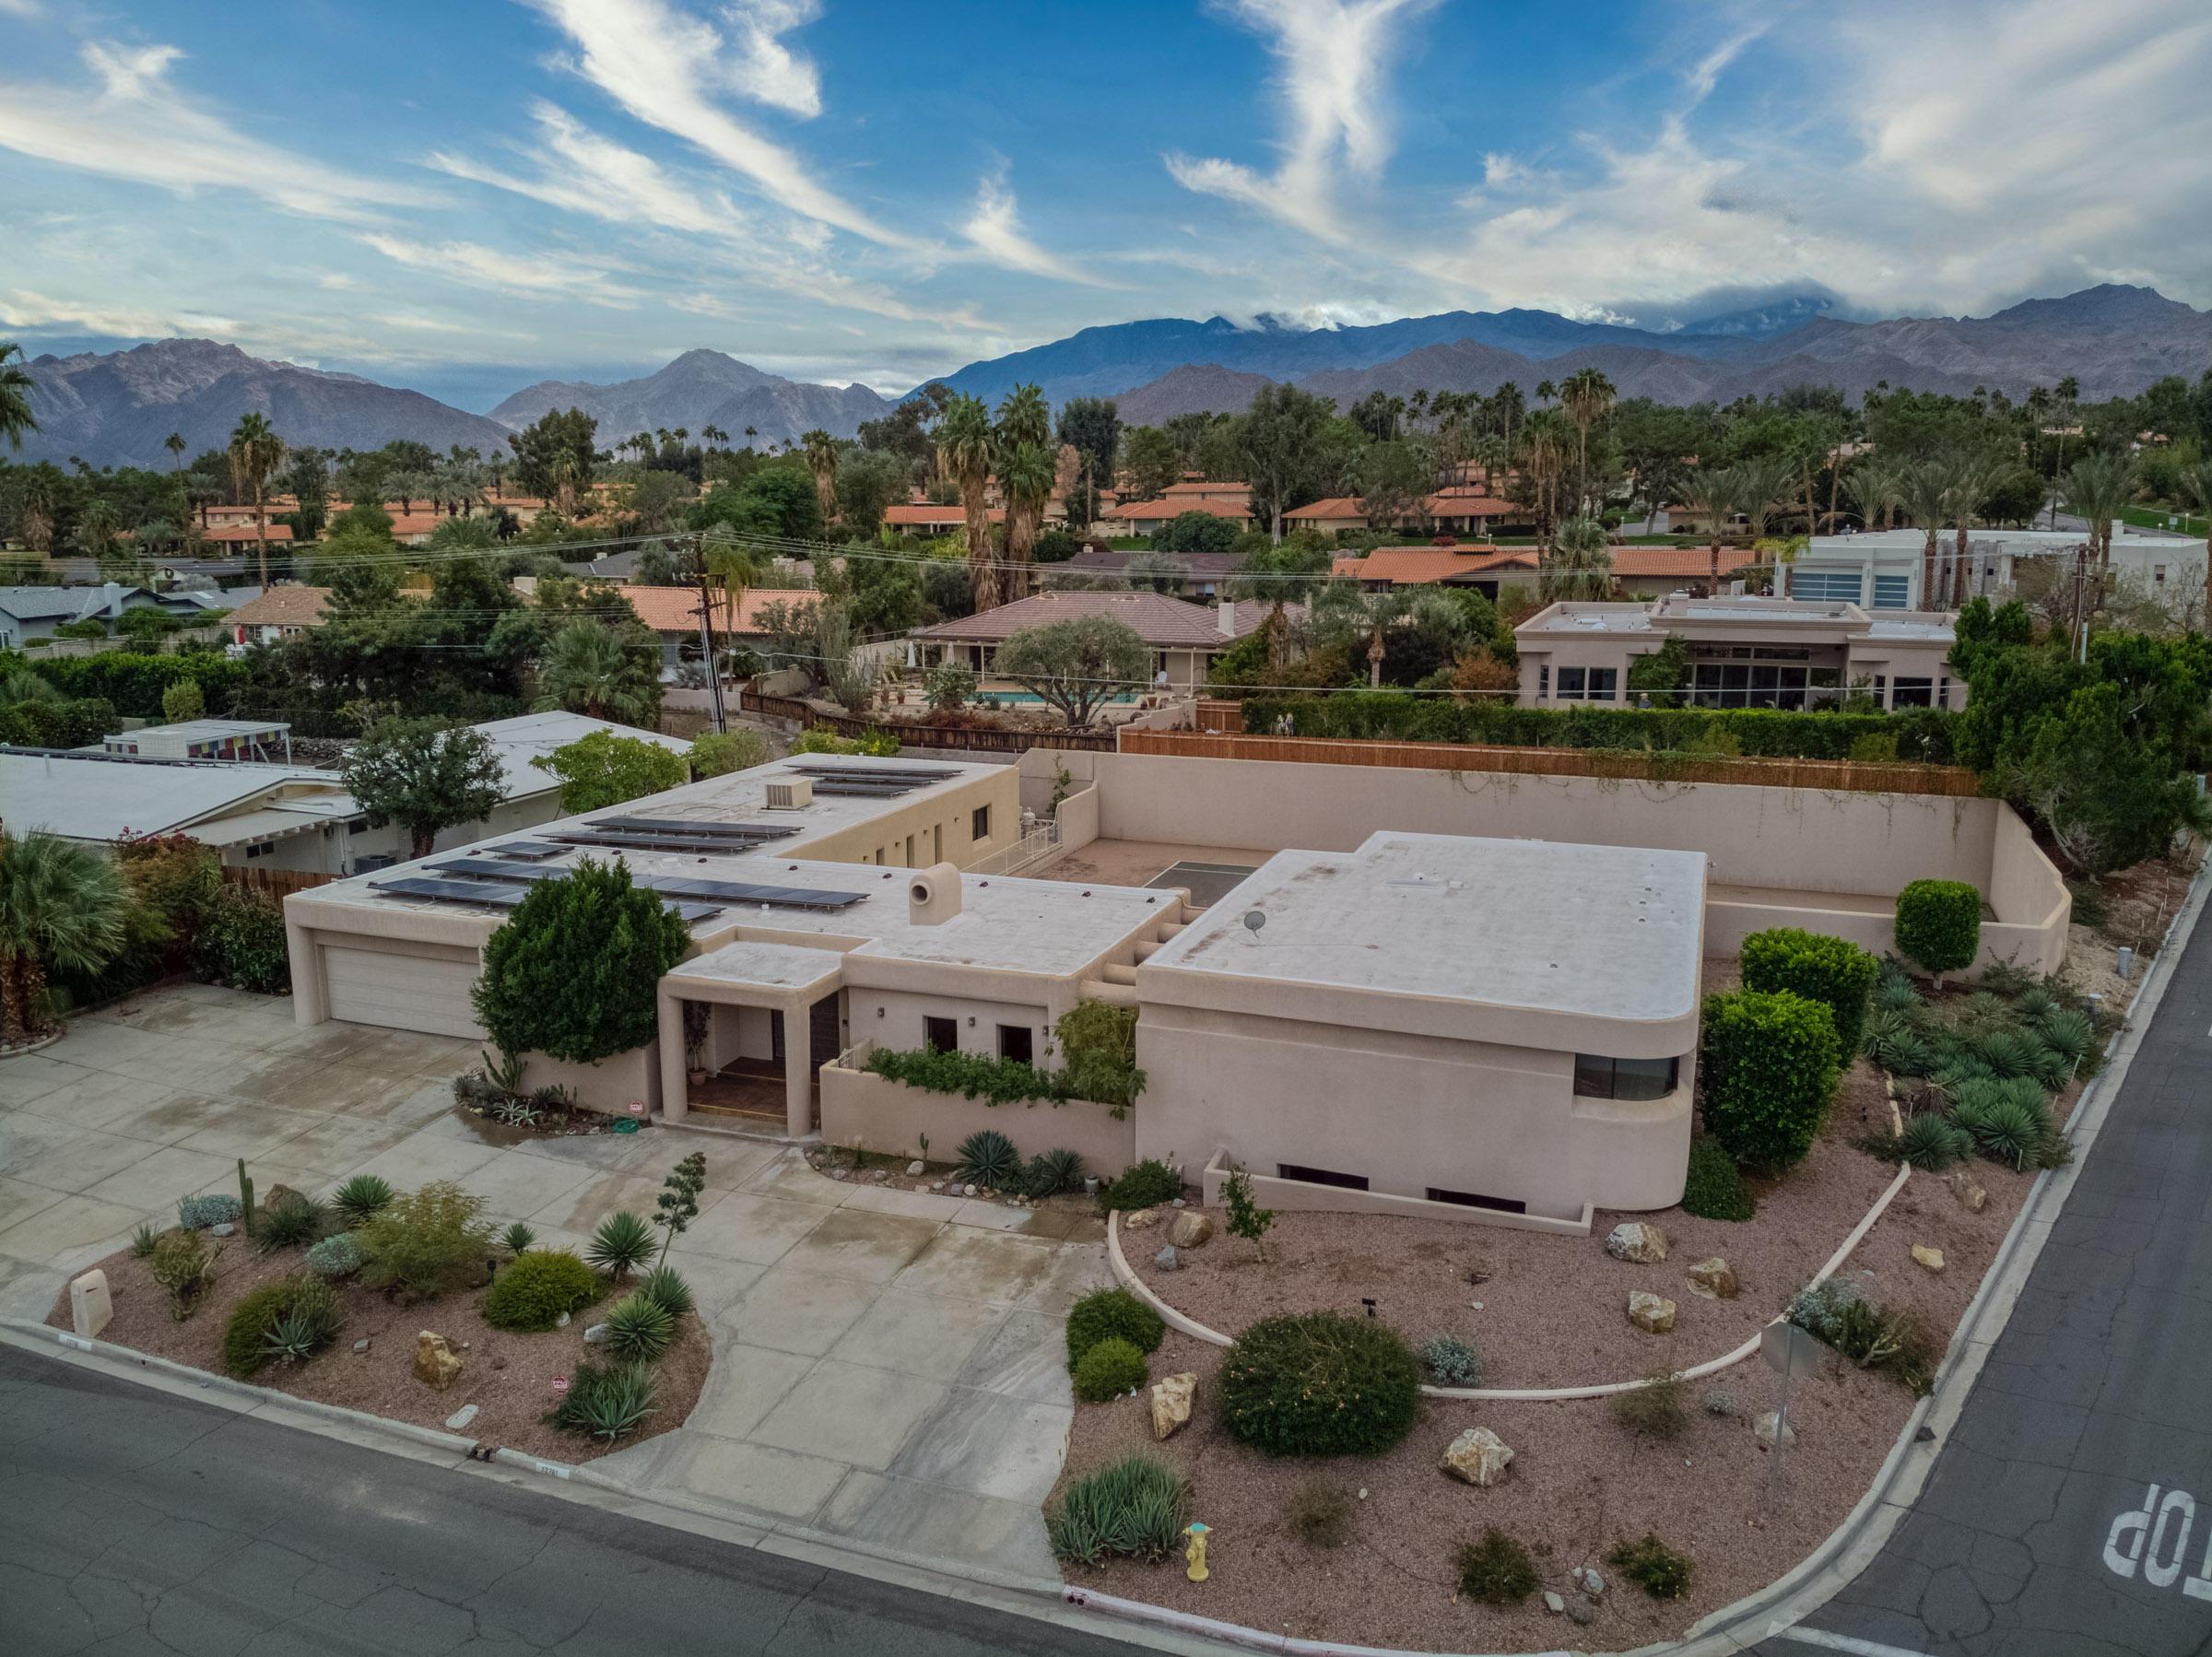 Photo of 72781 Bursera Way, Palm Desert, CA 92260